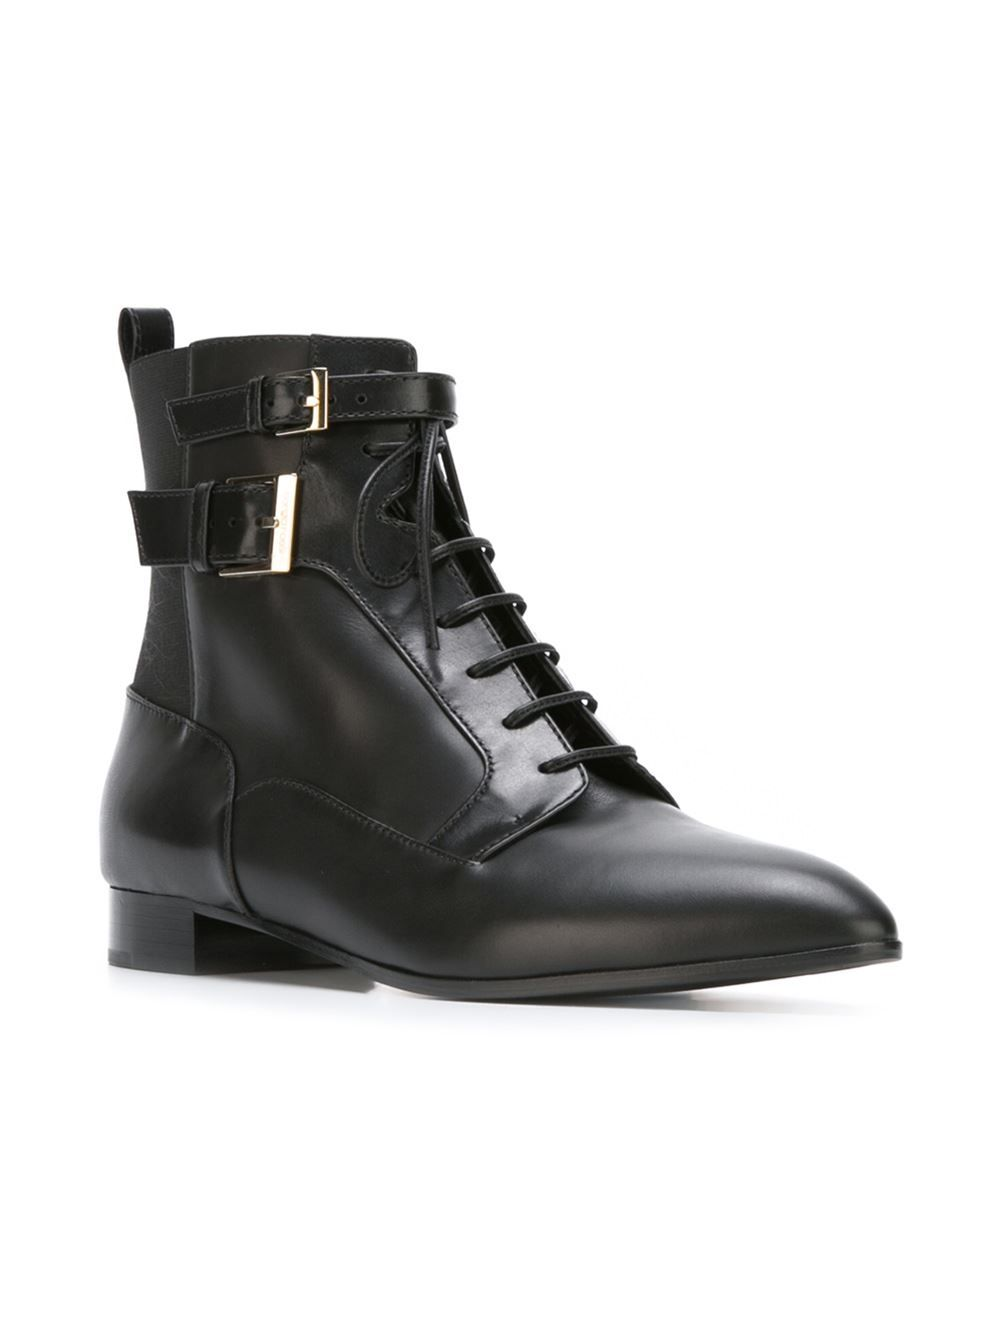 CALZADO - Zapatos de cordones Stefania f3l3IP